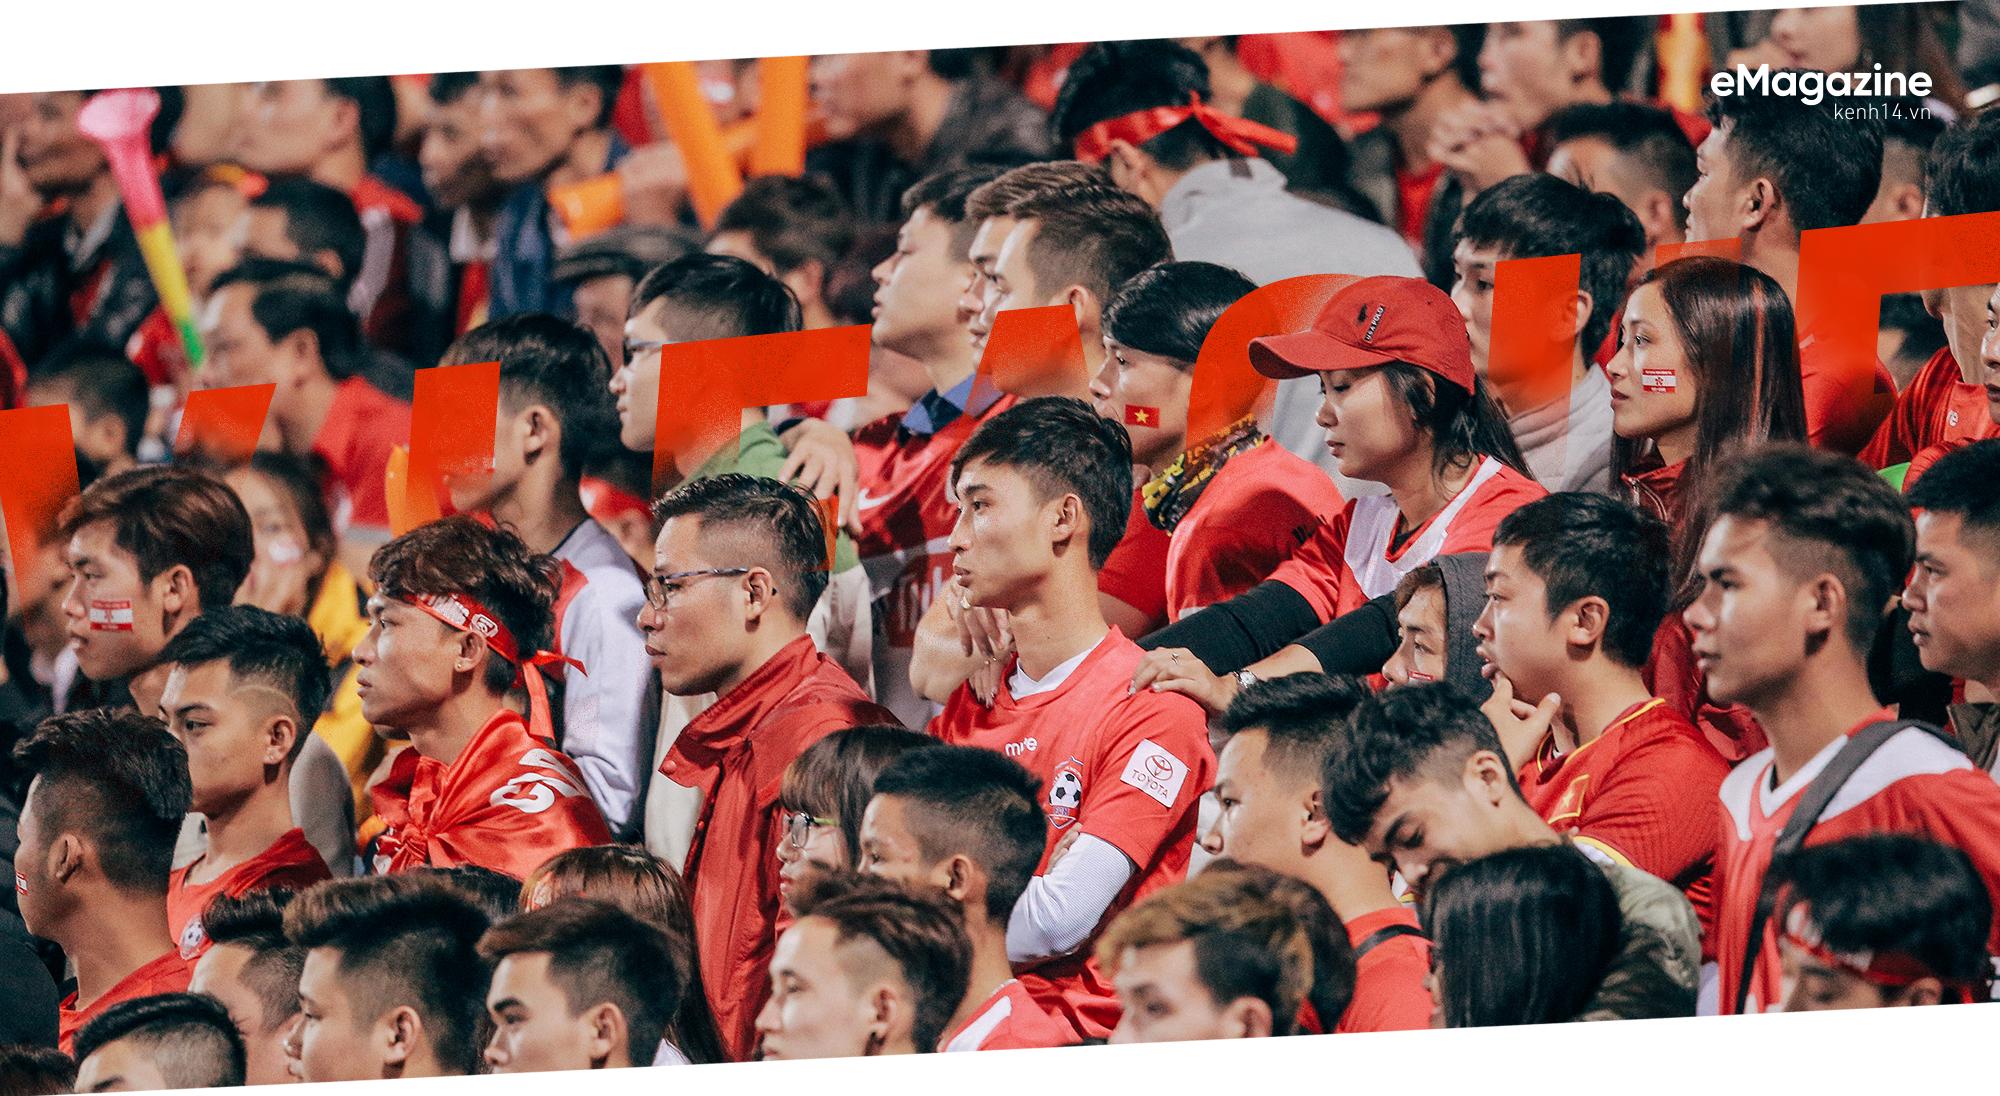 Thắp lại tình yêu bóng đá, kéo khán giả quay lại sân cổ vũ V.League, đây chính là sức mạnh từ hiệu ứng U23 Việt Nam! - Ảnh 8.